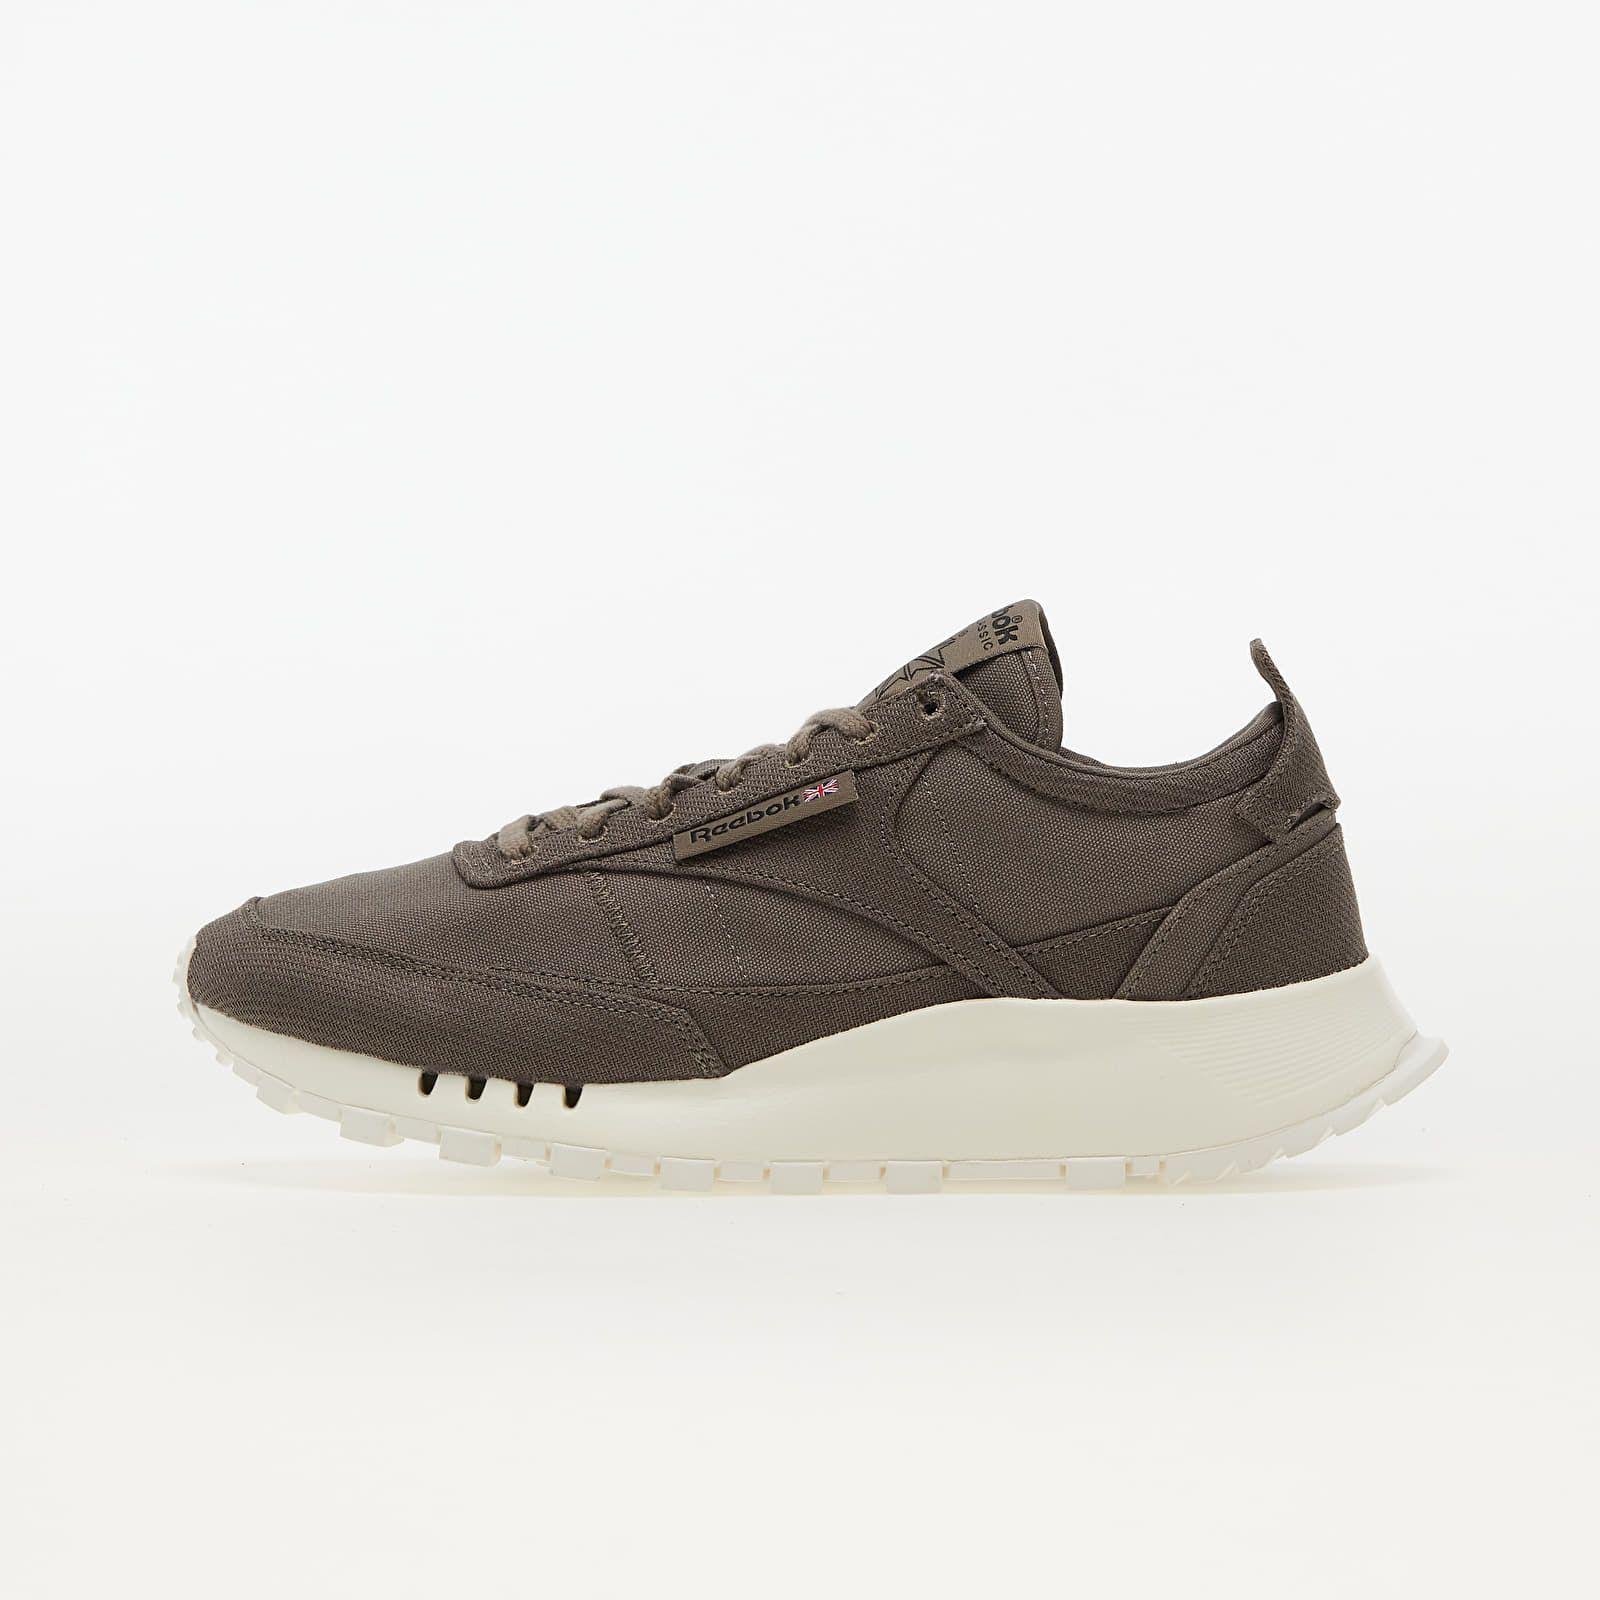 Toto je 10 najlepších párov obuvi v jesenných farbách. Nechýbajú luxusné Nike Air Force 1 ani Yeezy Desert Boots